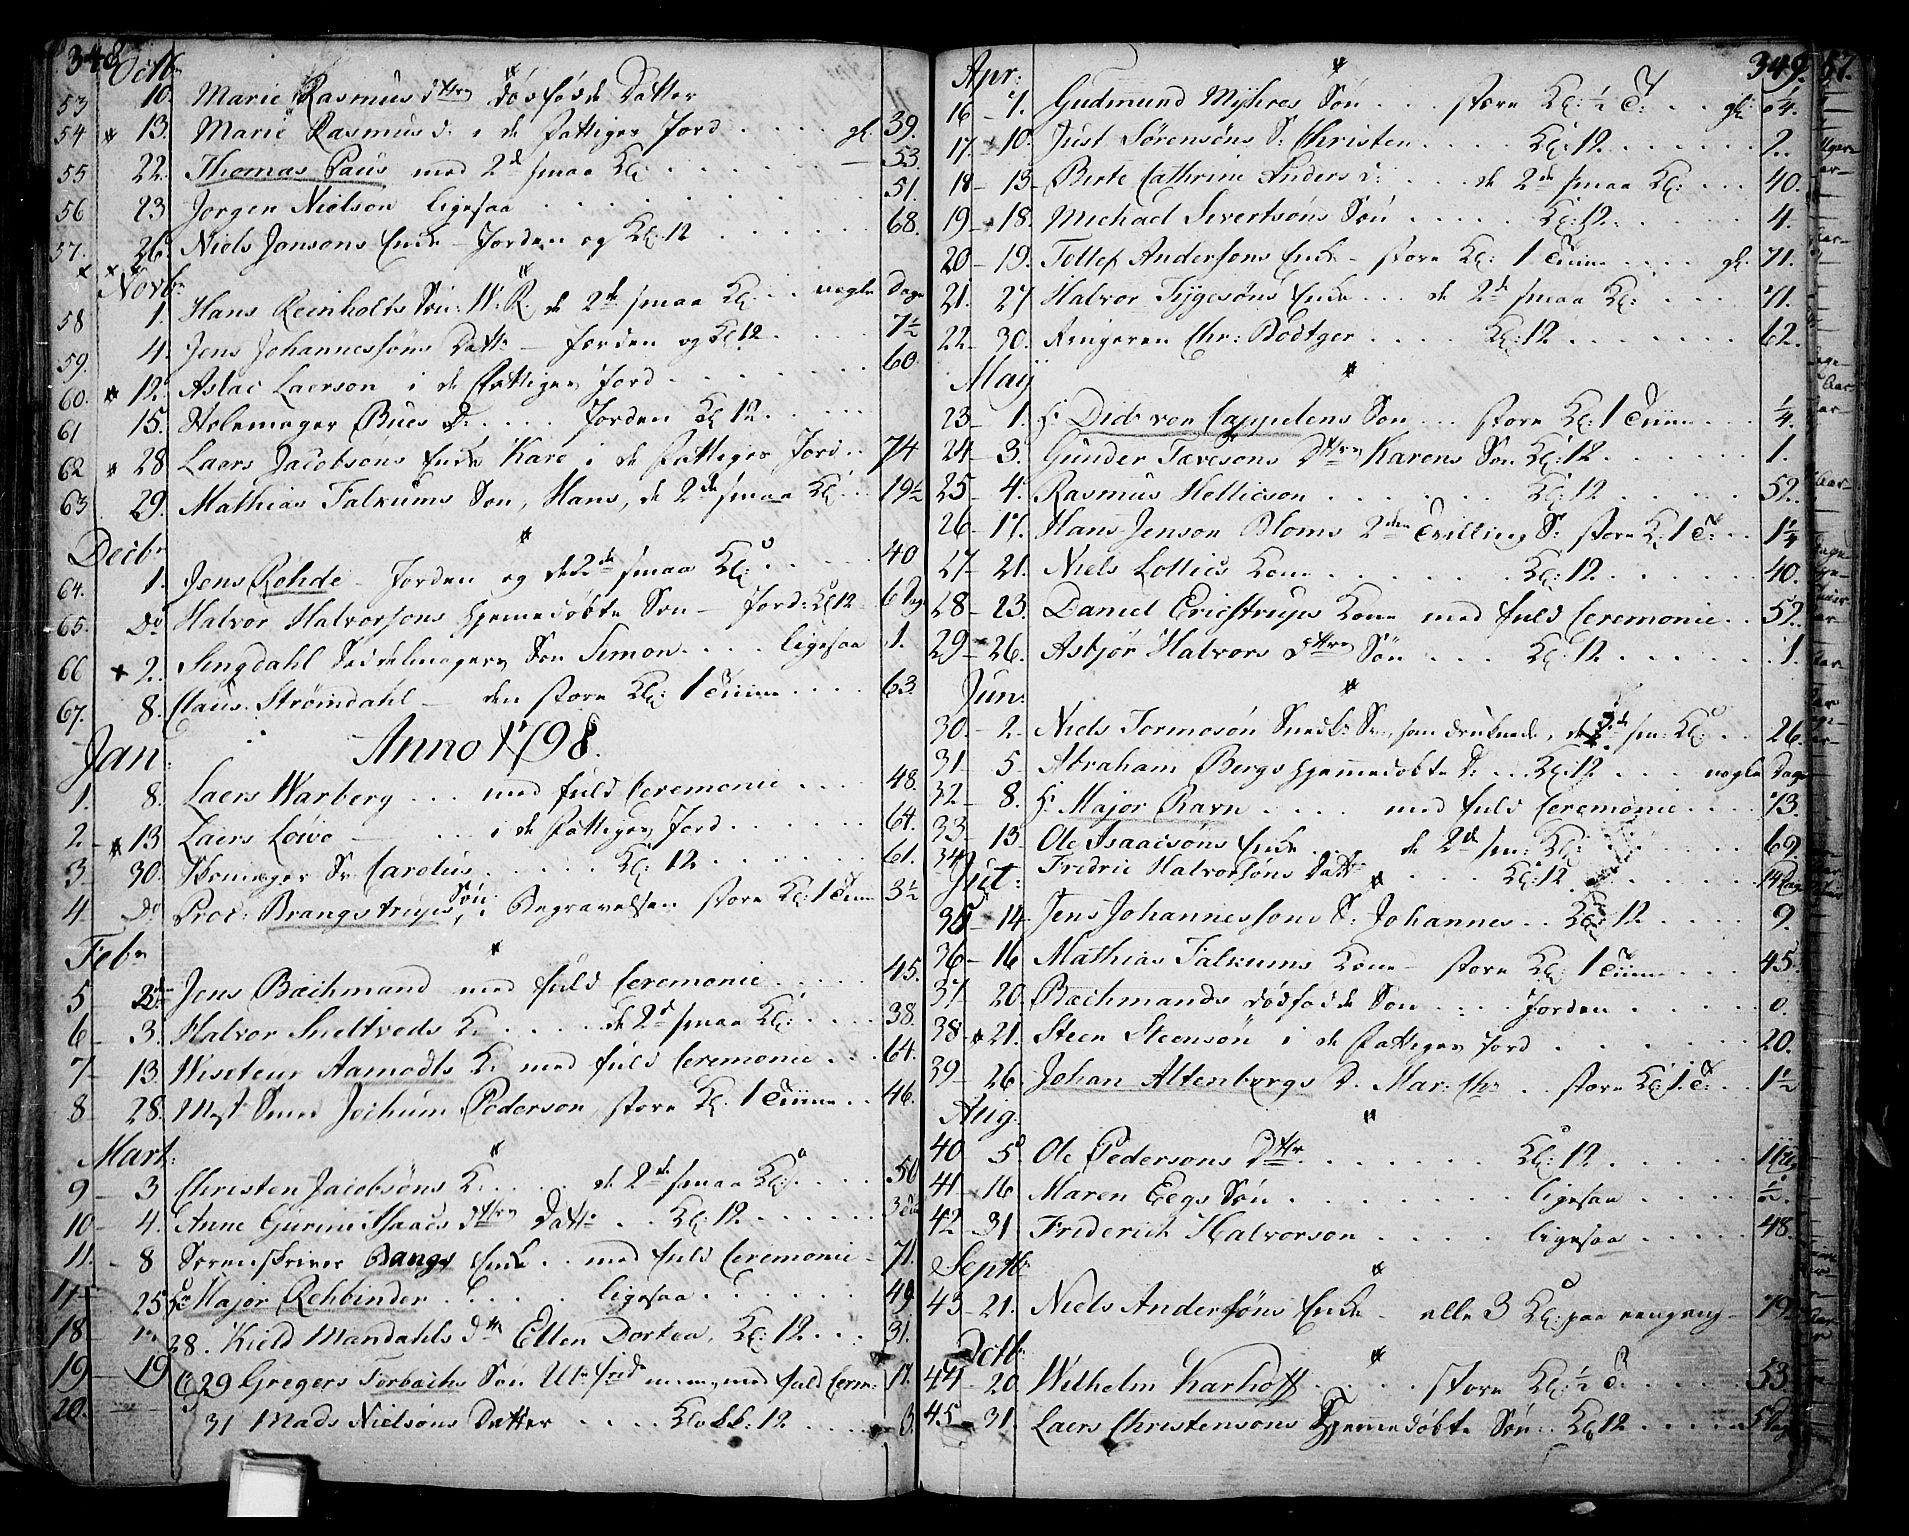 SAKO, Skien kirkebøker, F/Fa/L0004: Ministerialbok nr. 4, 1792-1814, s. 348-349